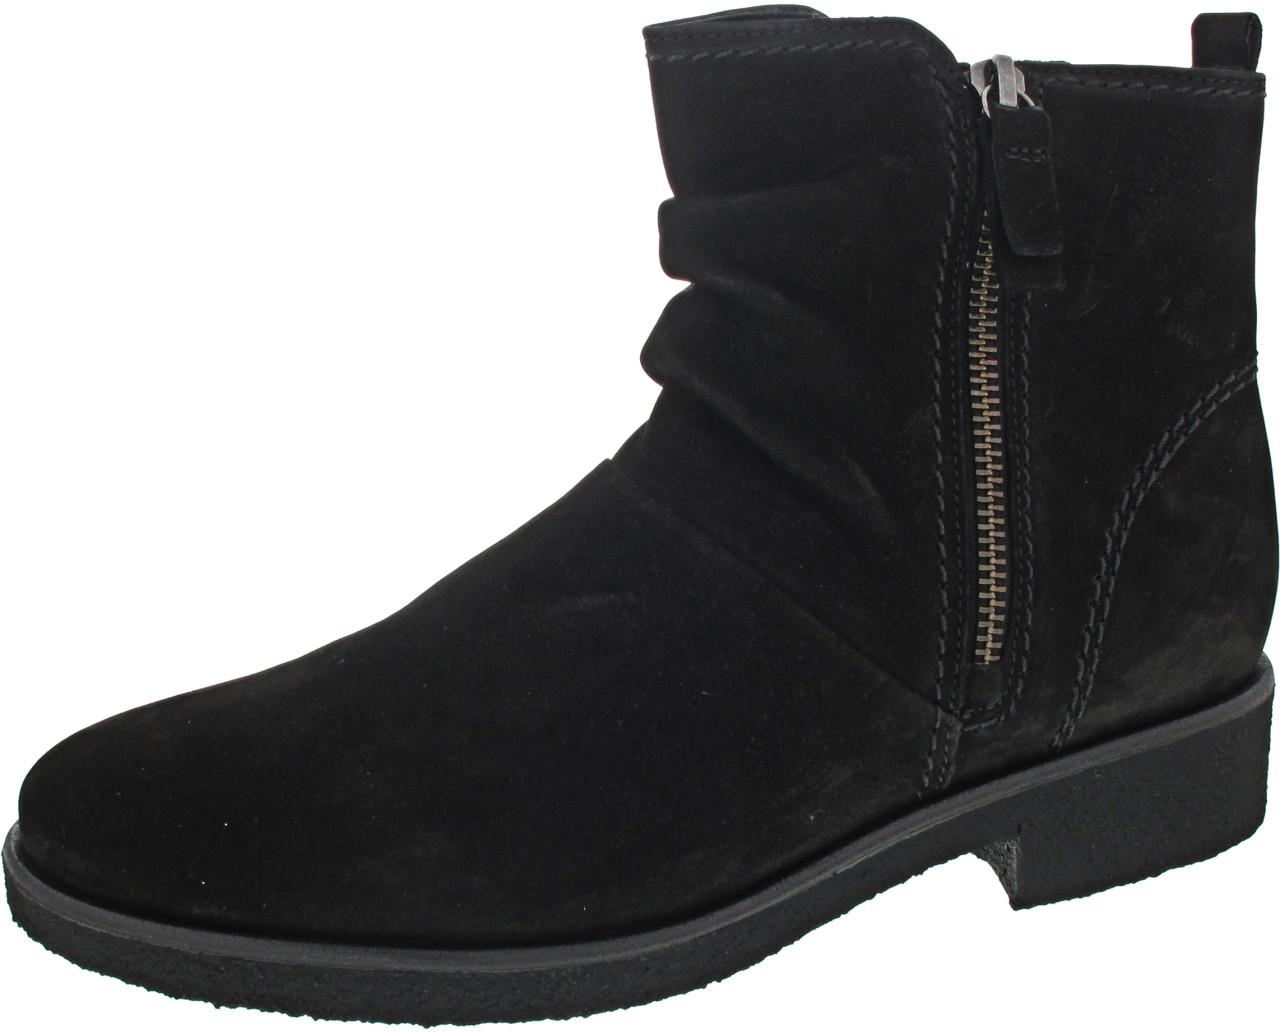 Stiefel - Gabor Comfort Rhodos  - Onlineshop Schuh Germann